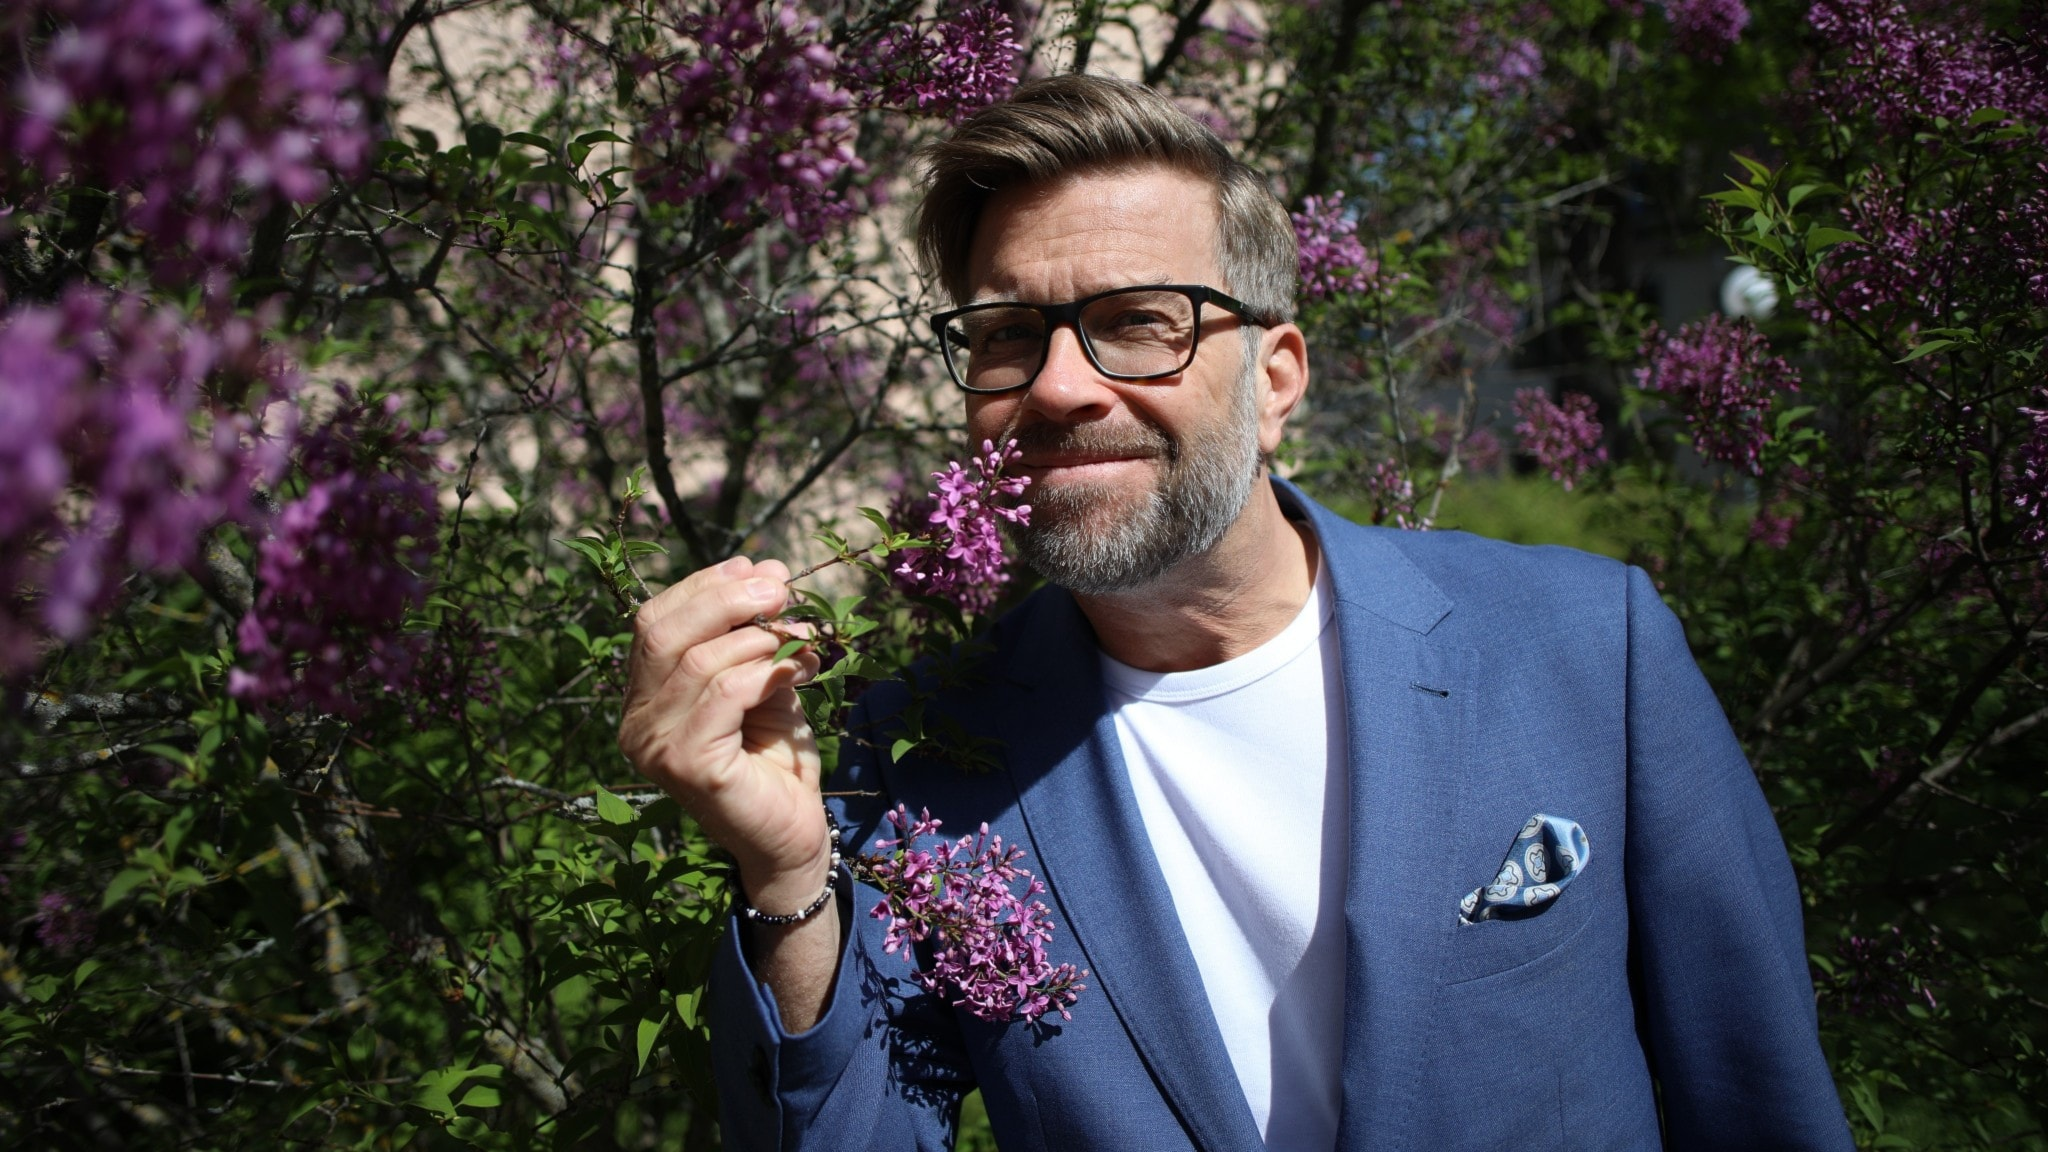 Programledare Bosse har på sig blå kavaj med vit t-shirt under. Han står framför en lila syrenbuske som han luktar på.